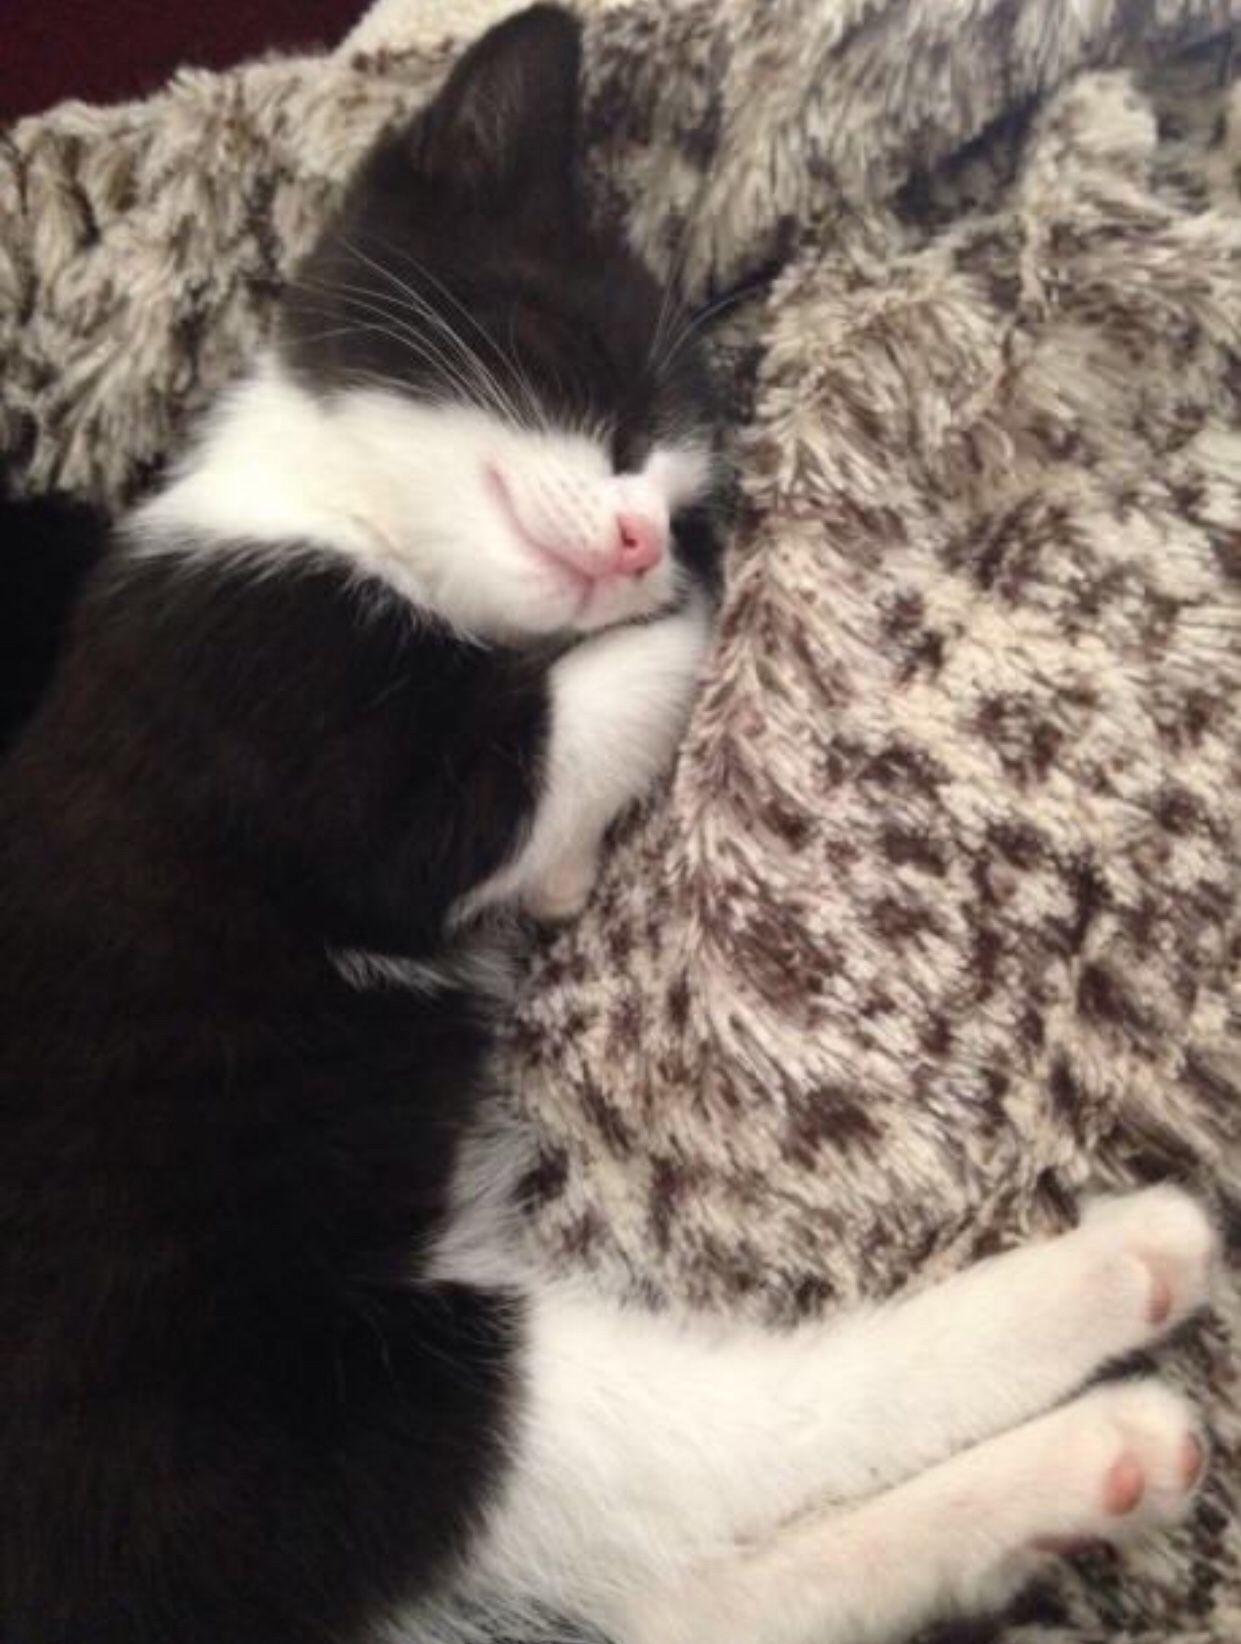 Looking Like My Weekend Sleep Sleeping Kitten Cats Beautiful Cats